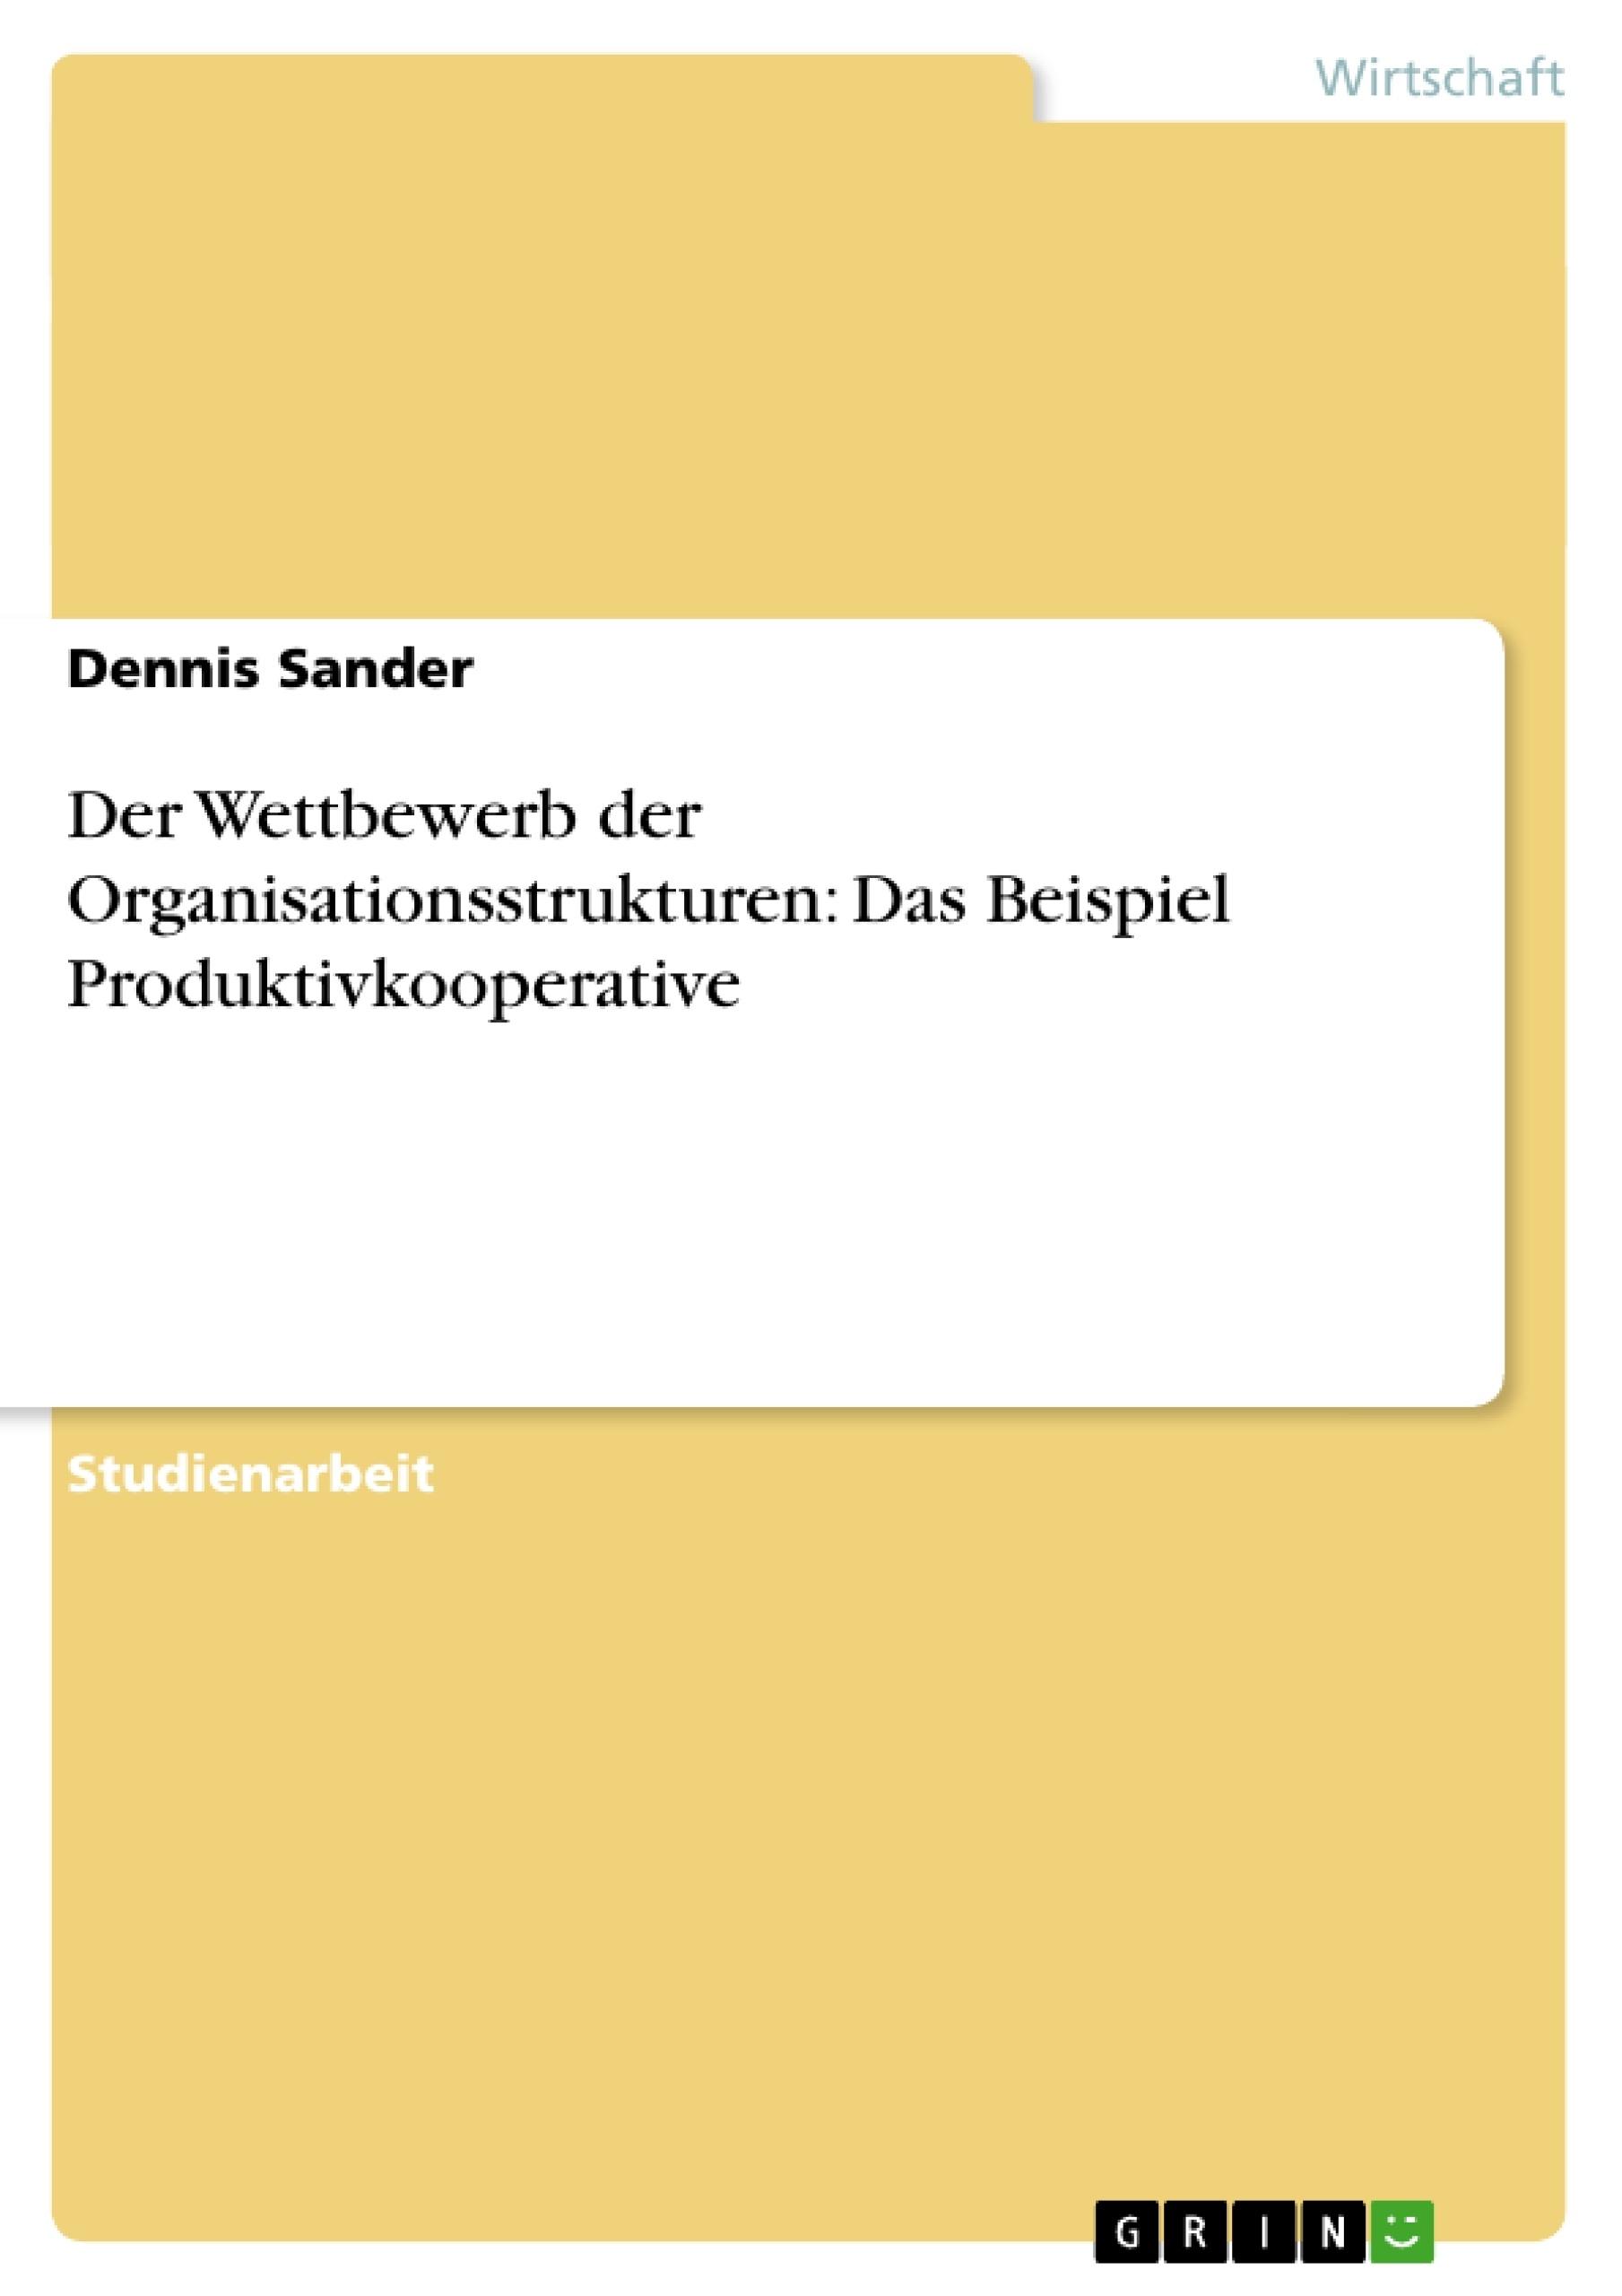 Titel: Der Wettbewerb der Organisationsstrukturen: Das Beispiel Produktivkooperative